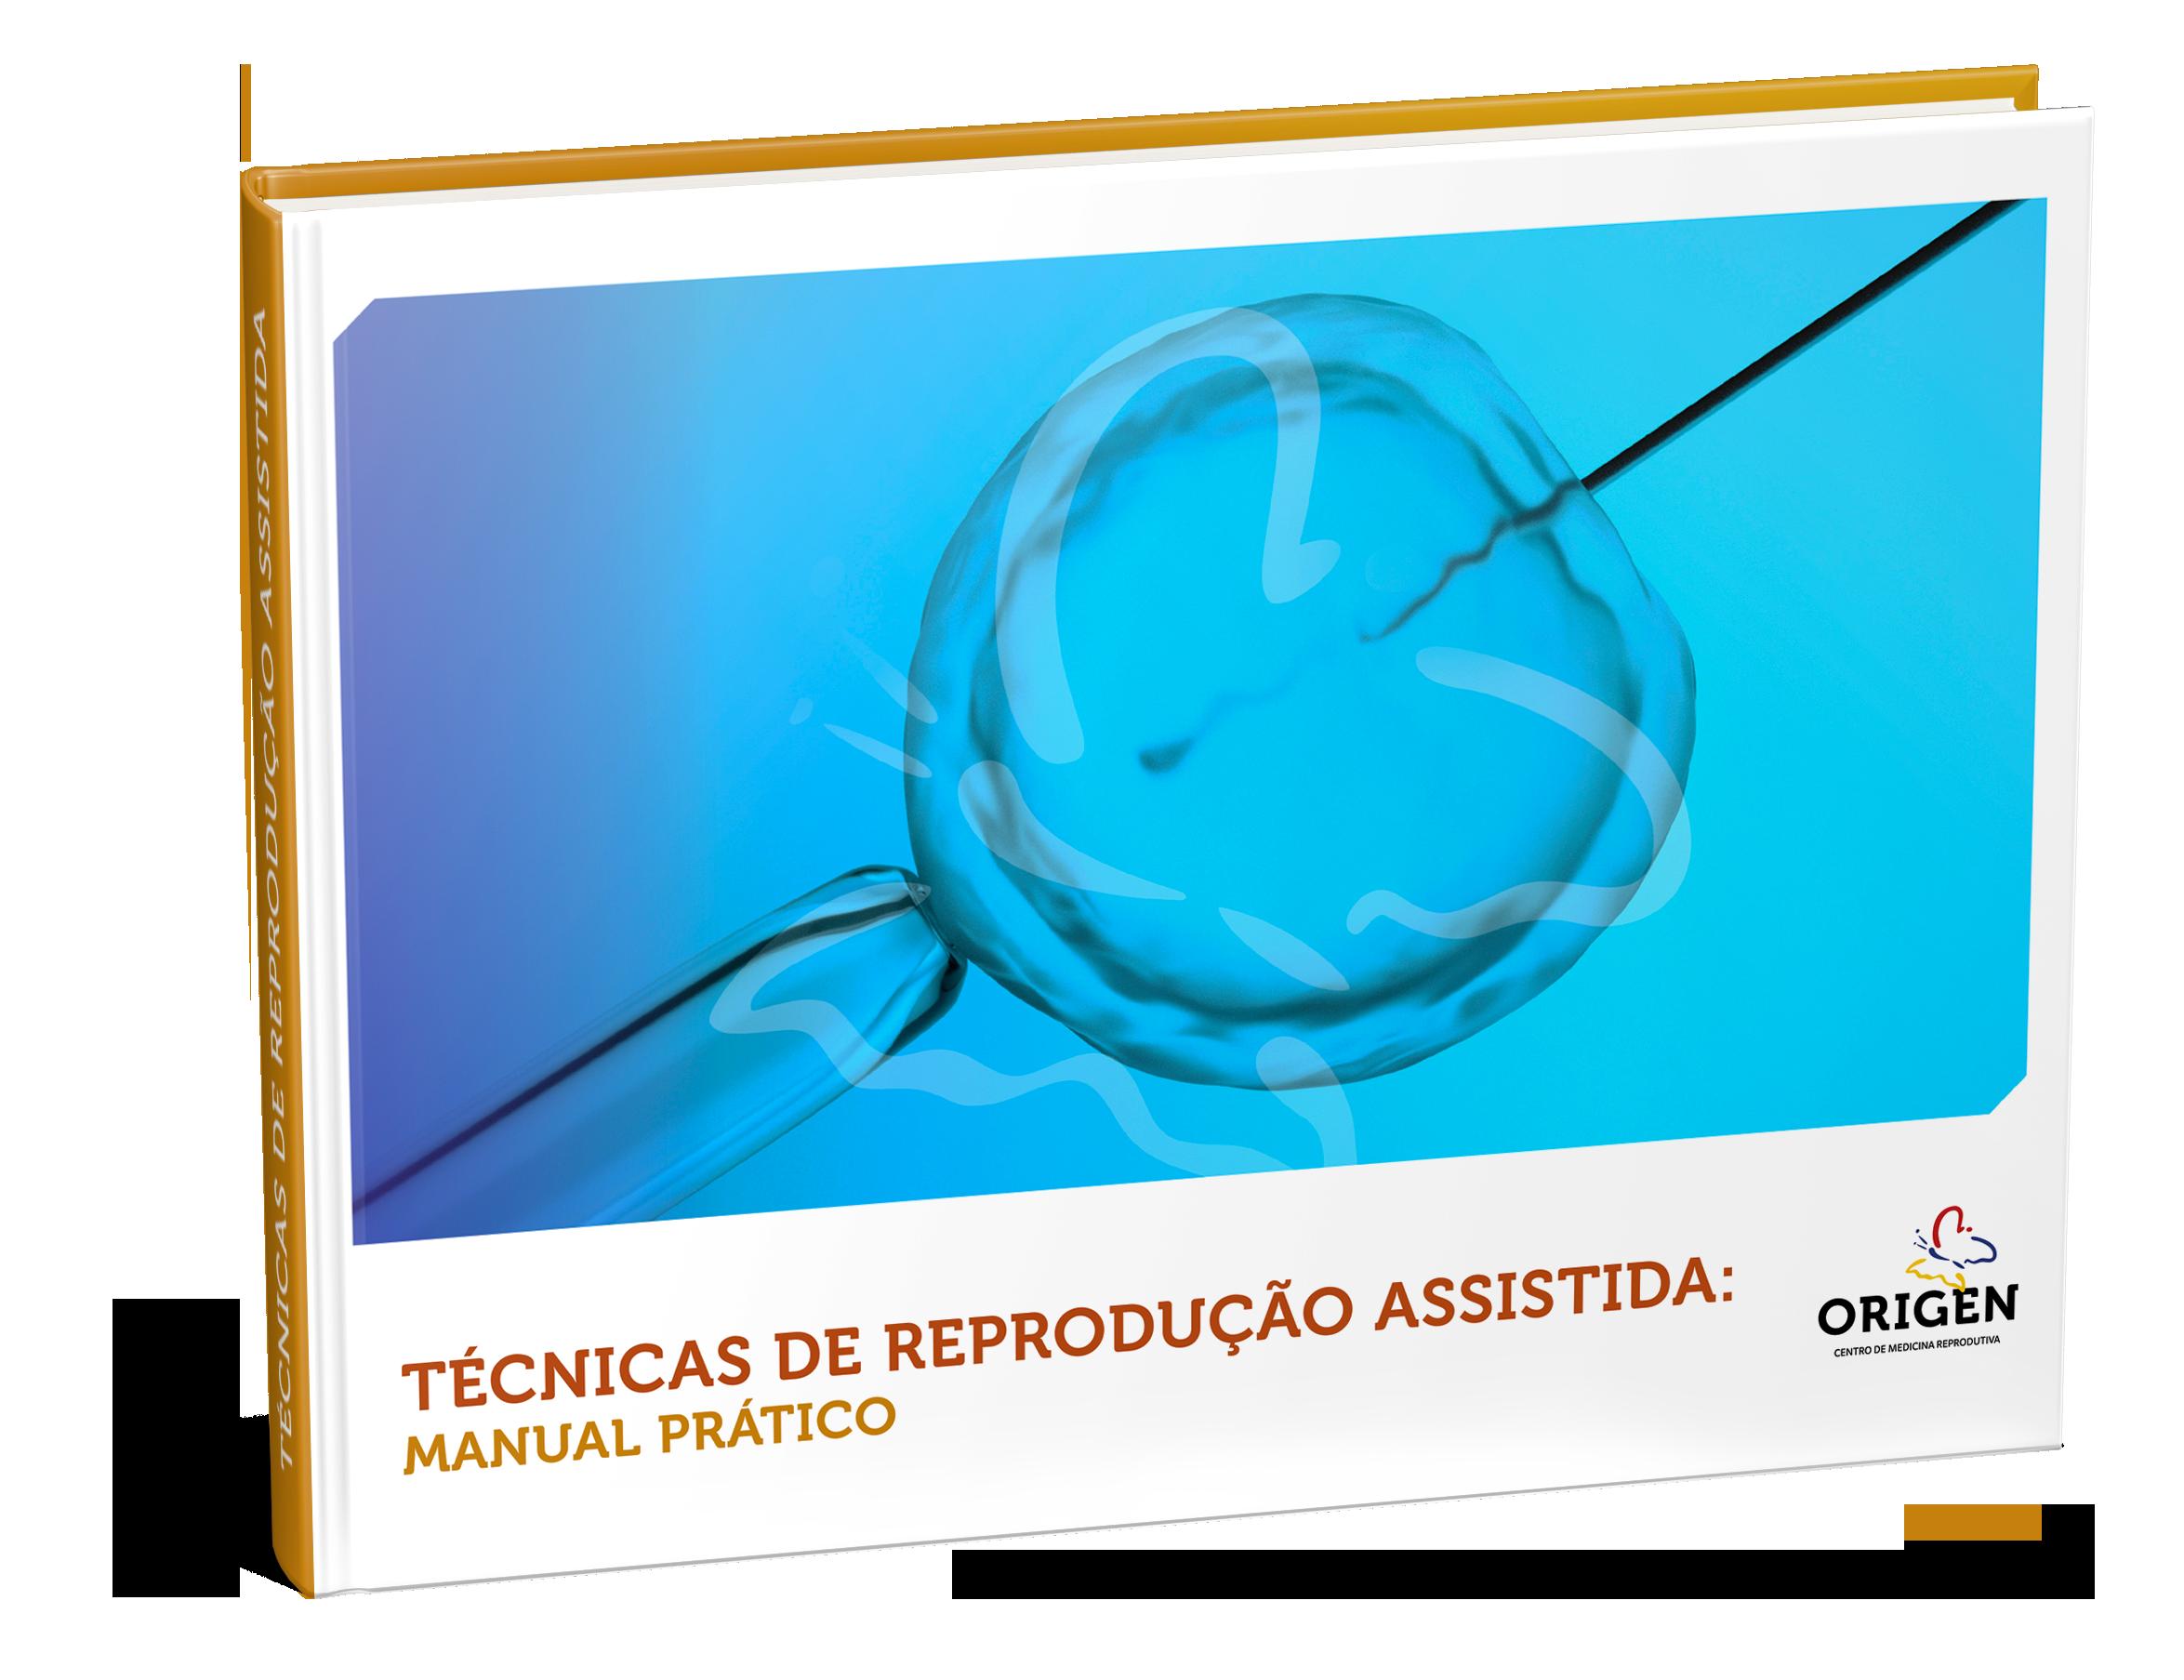 E-book | Técnicas de Reprodução Assistida - Manual prático